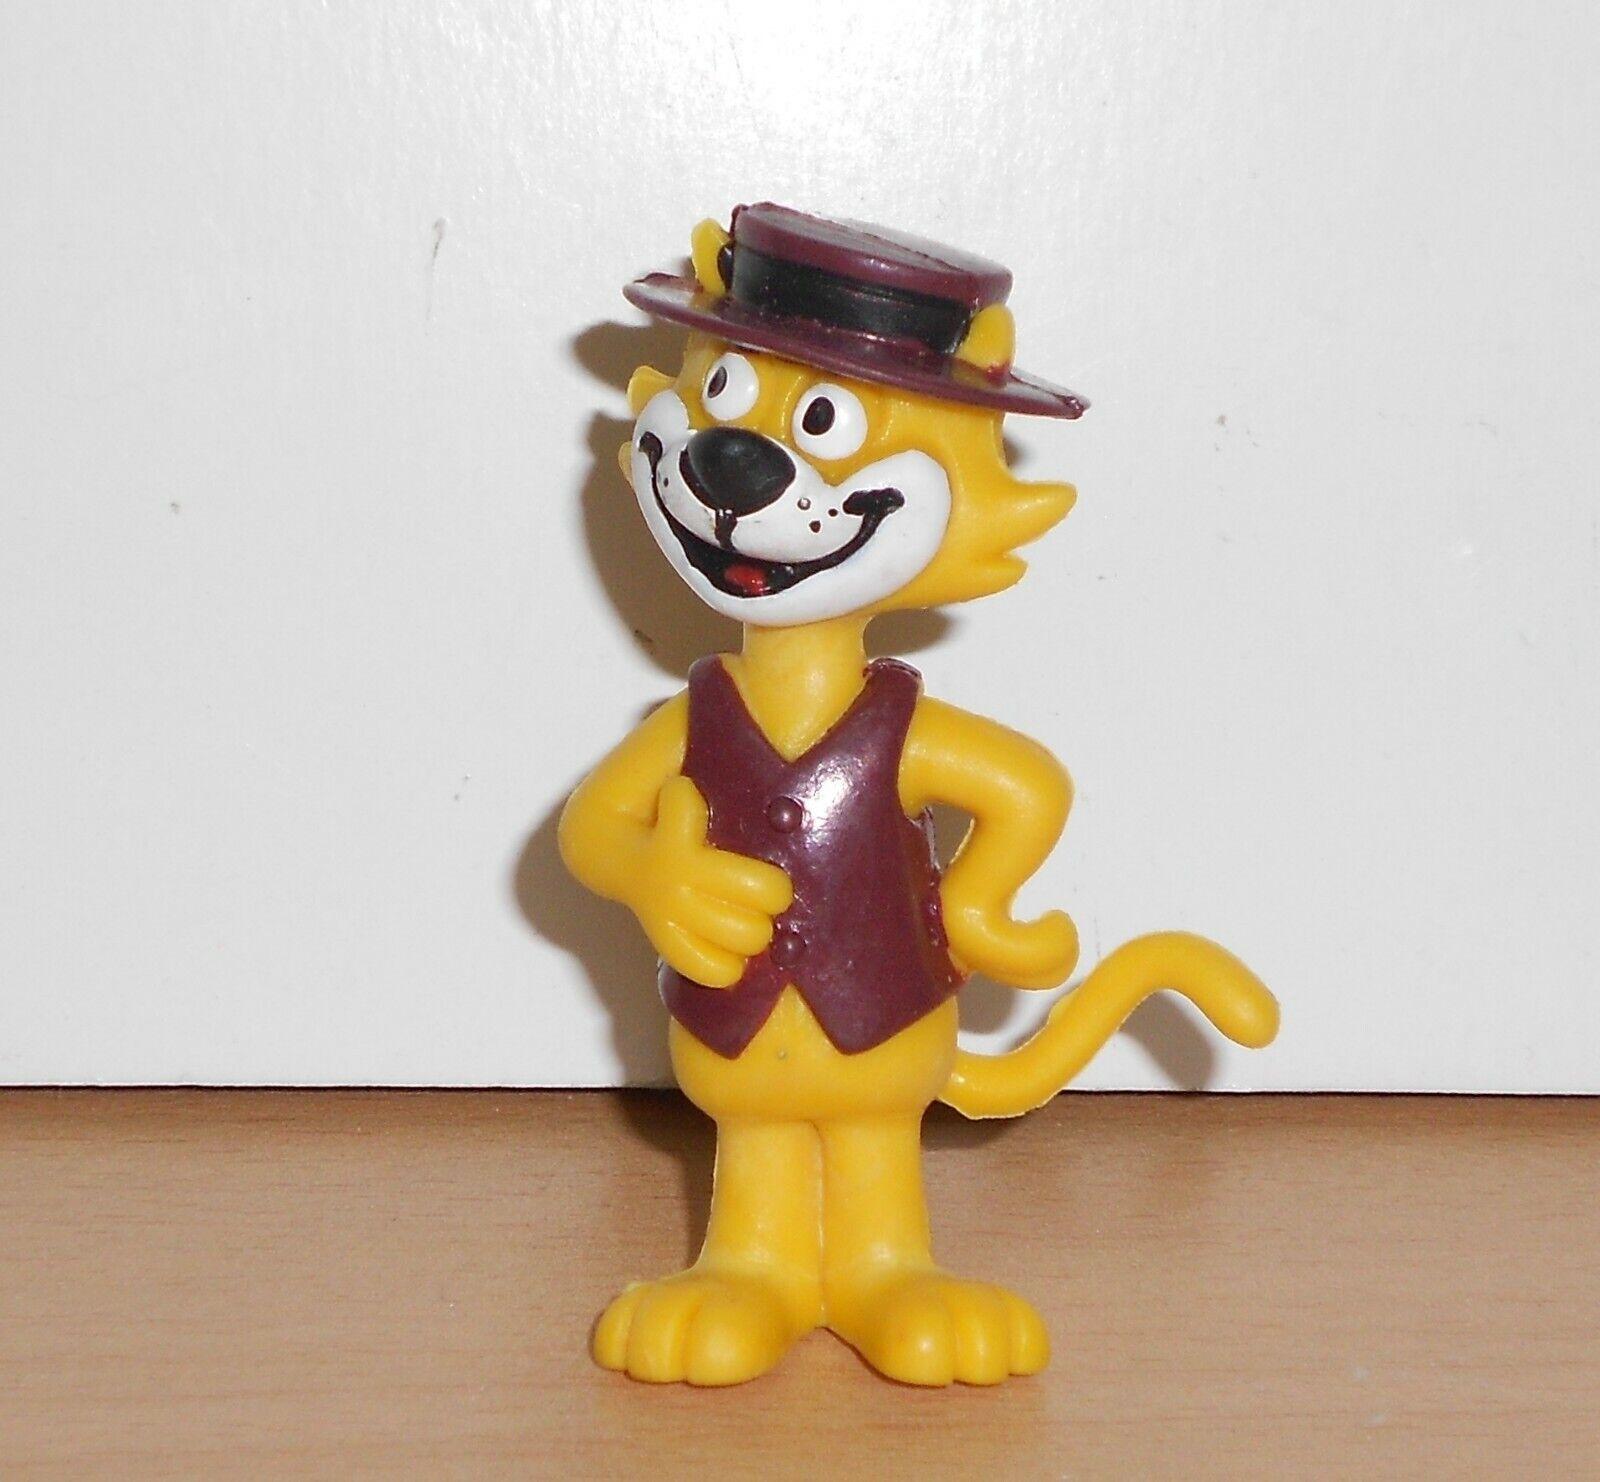 1980's Comics Spain Hanna Barbera Top Cat Figure Figurine PVC